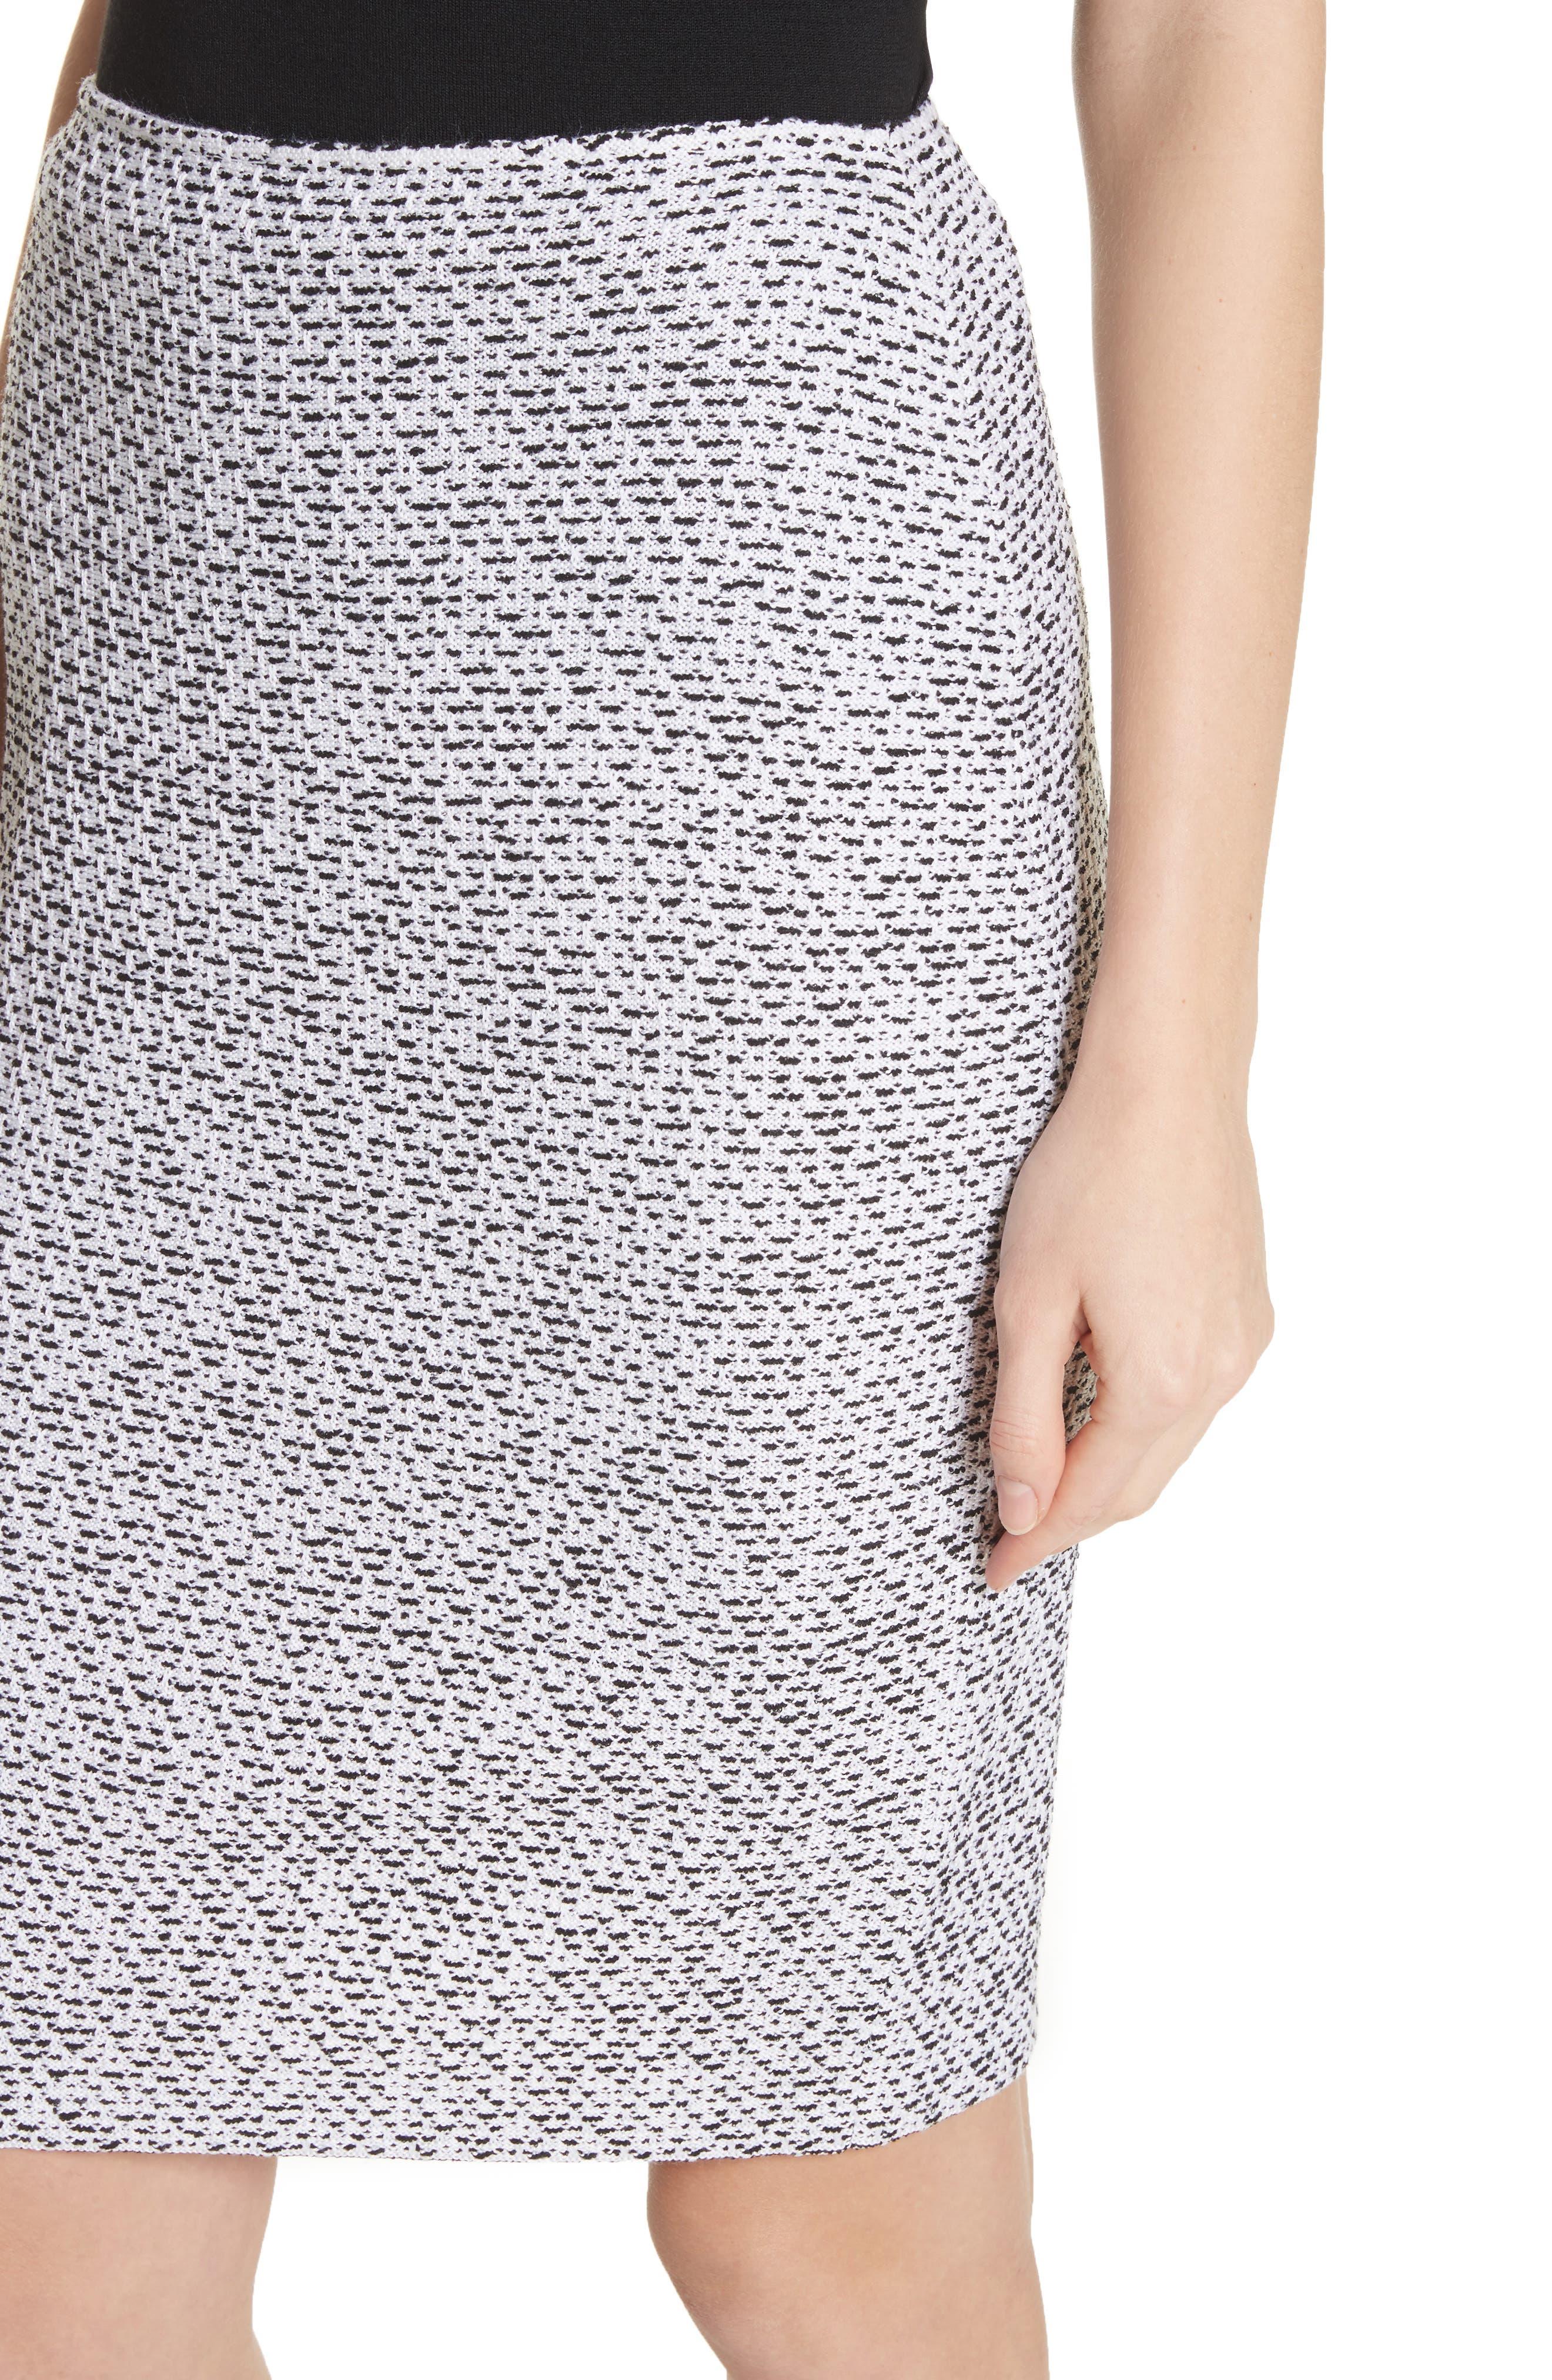 Olivia Bouclé Knit Skirt,                             Alternate thumbnail 4, color,                             WHITE/ CAVIAR